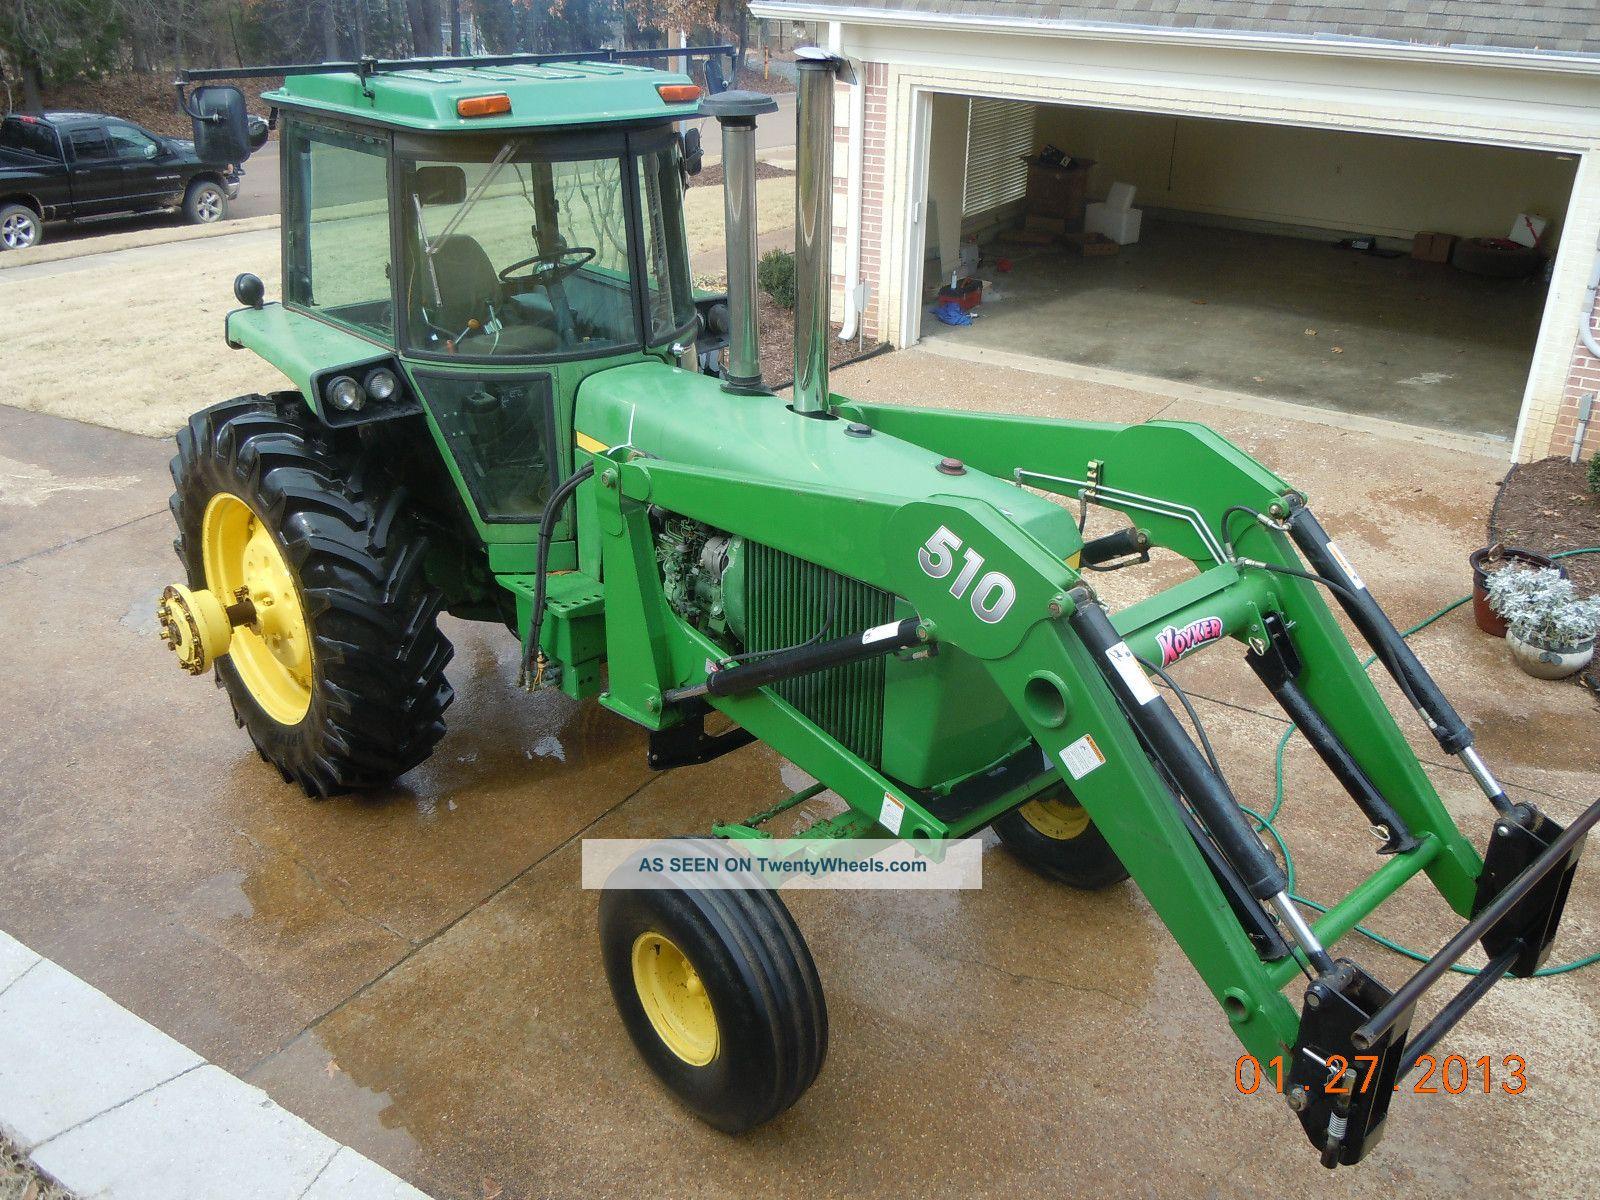 John Deere 4440 Rim : John deere qa loader and rear tires